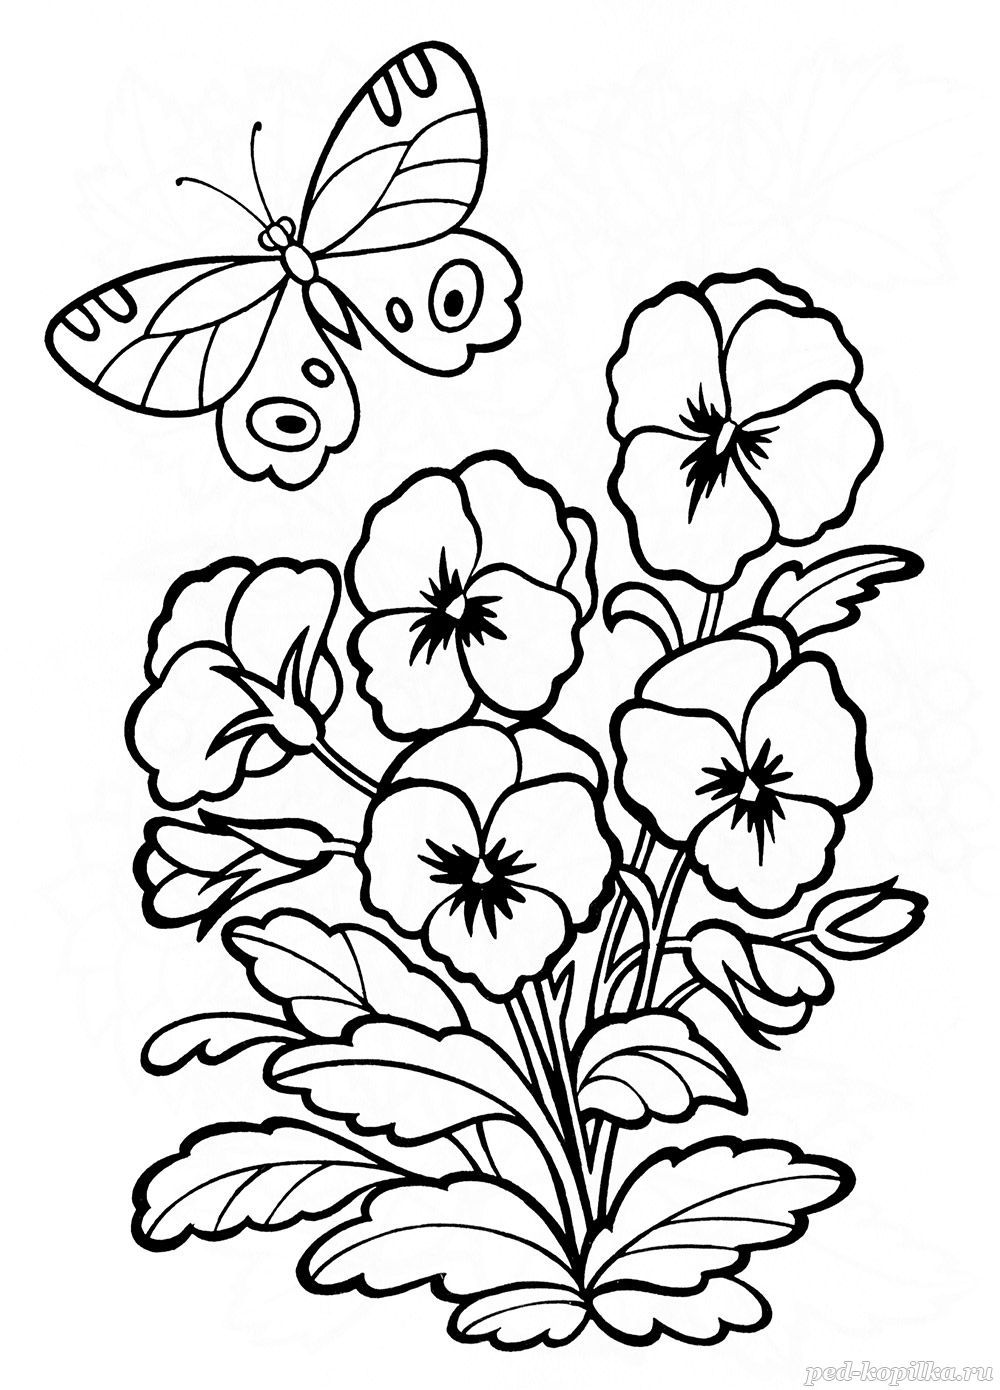 Открытка в цветы распечатать картинки